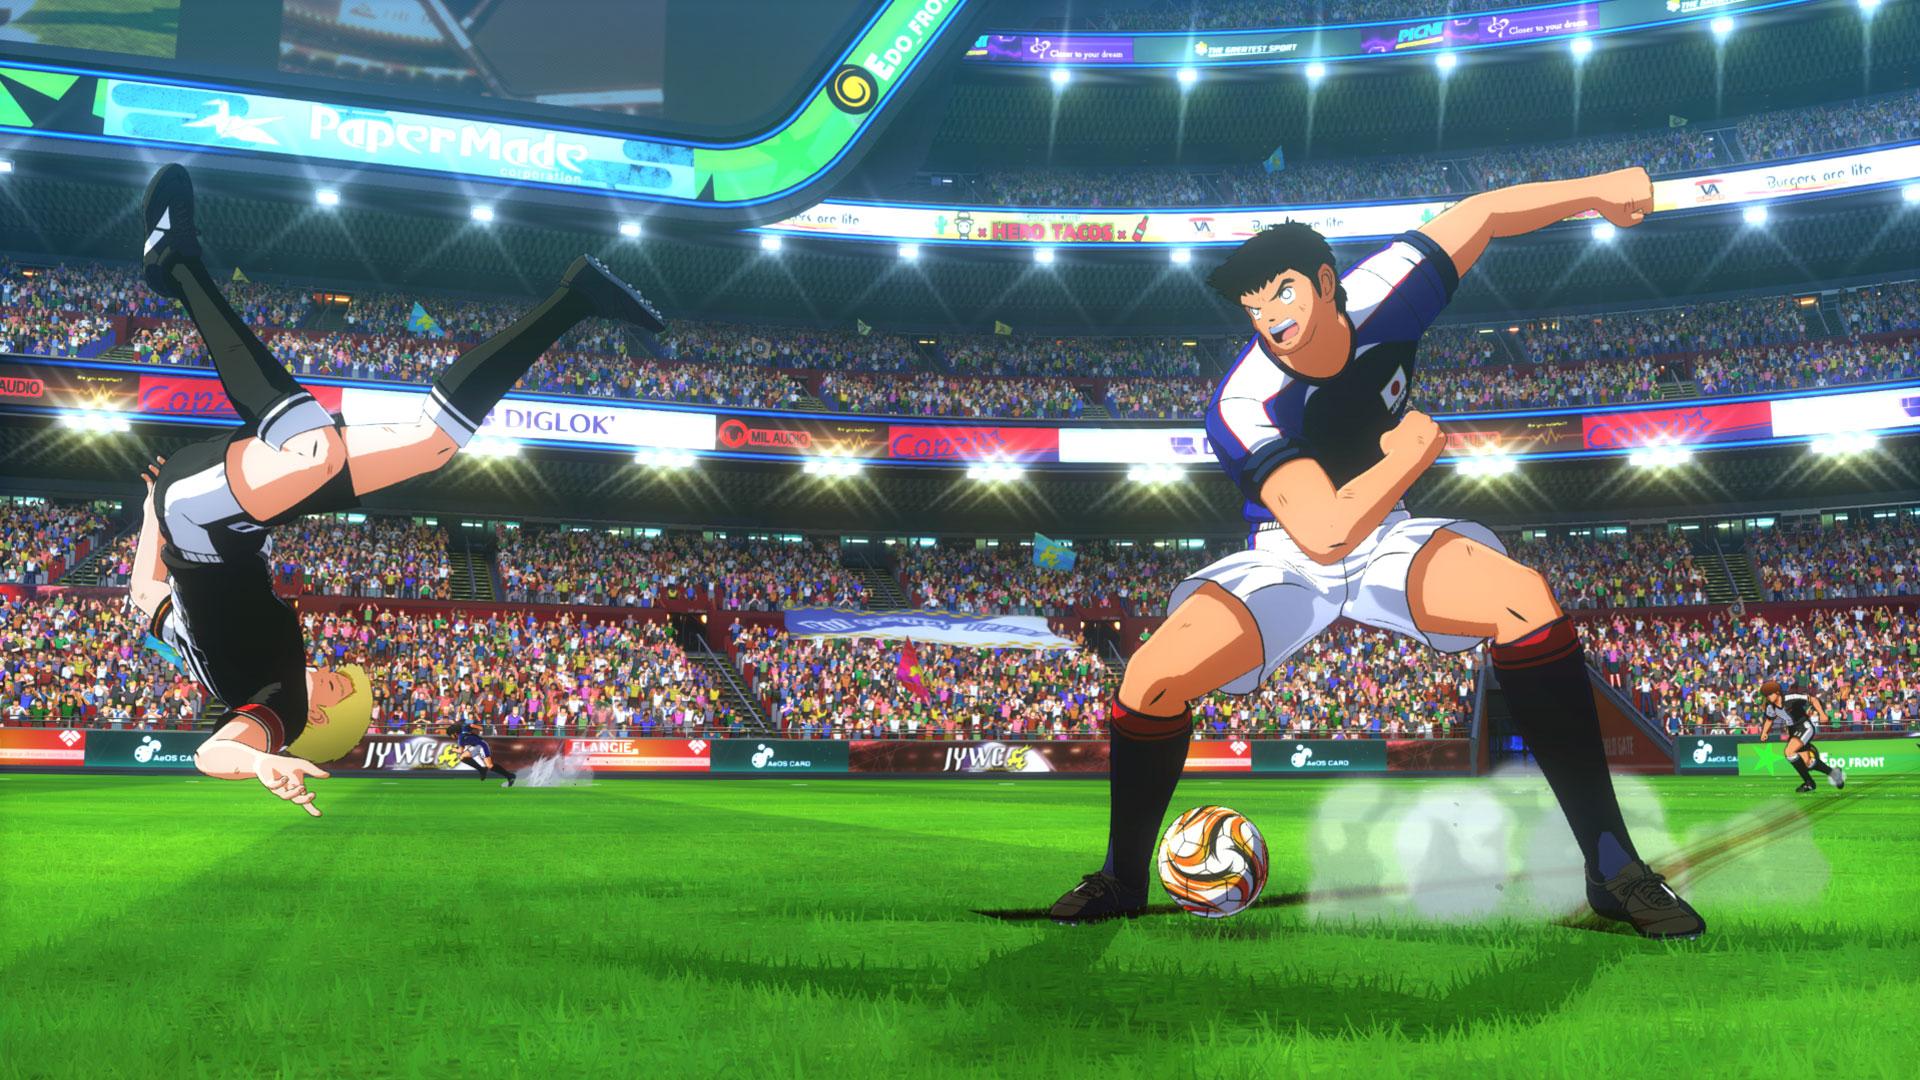 Zwei Spieler stehen sich auf dem Feld gegenüber. Eine Szene aus dem Spiel Captain Tsubasa Rise of New Champions